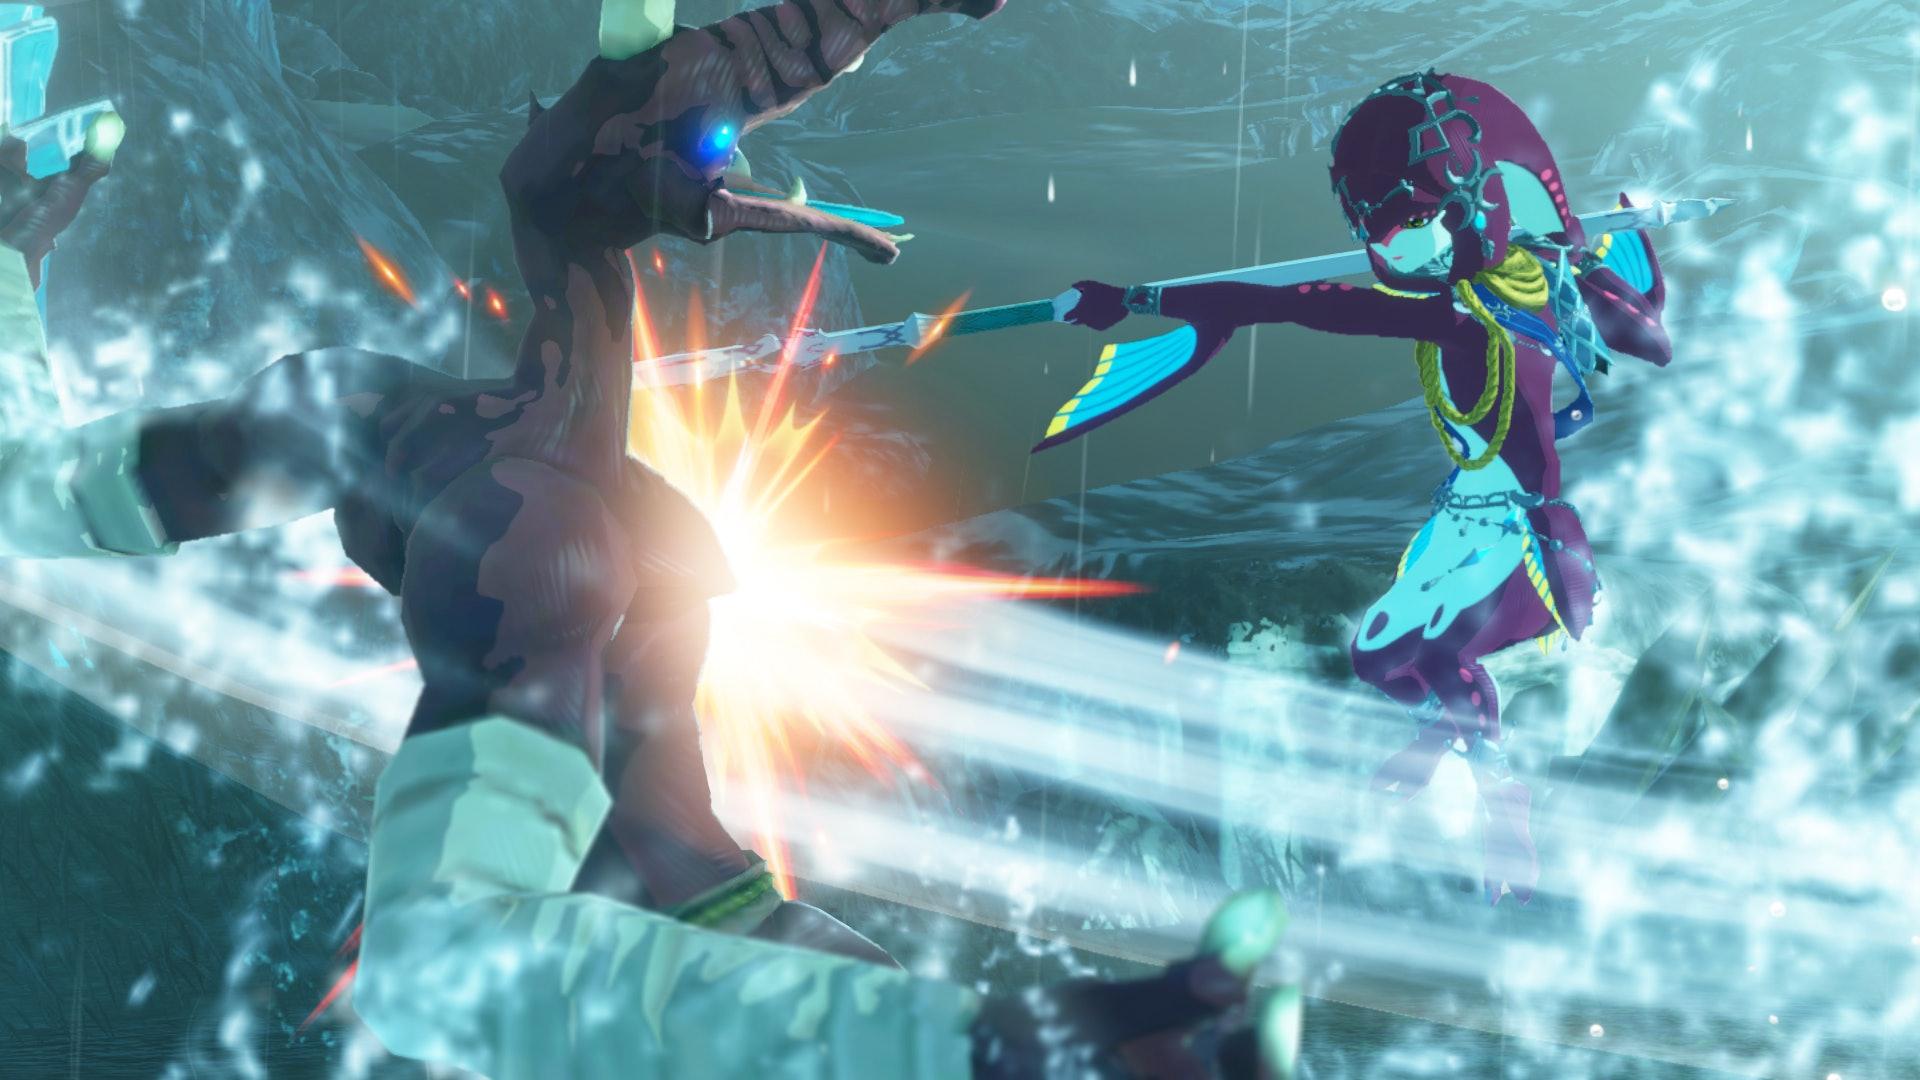 Mipha tem um equilíbrio quase perfeito entre dano e mobilidade. Koei Tecmo / Nintendo